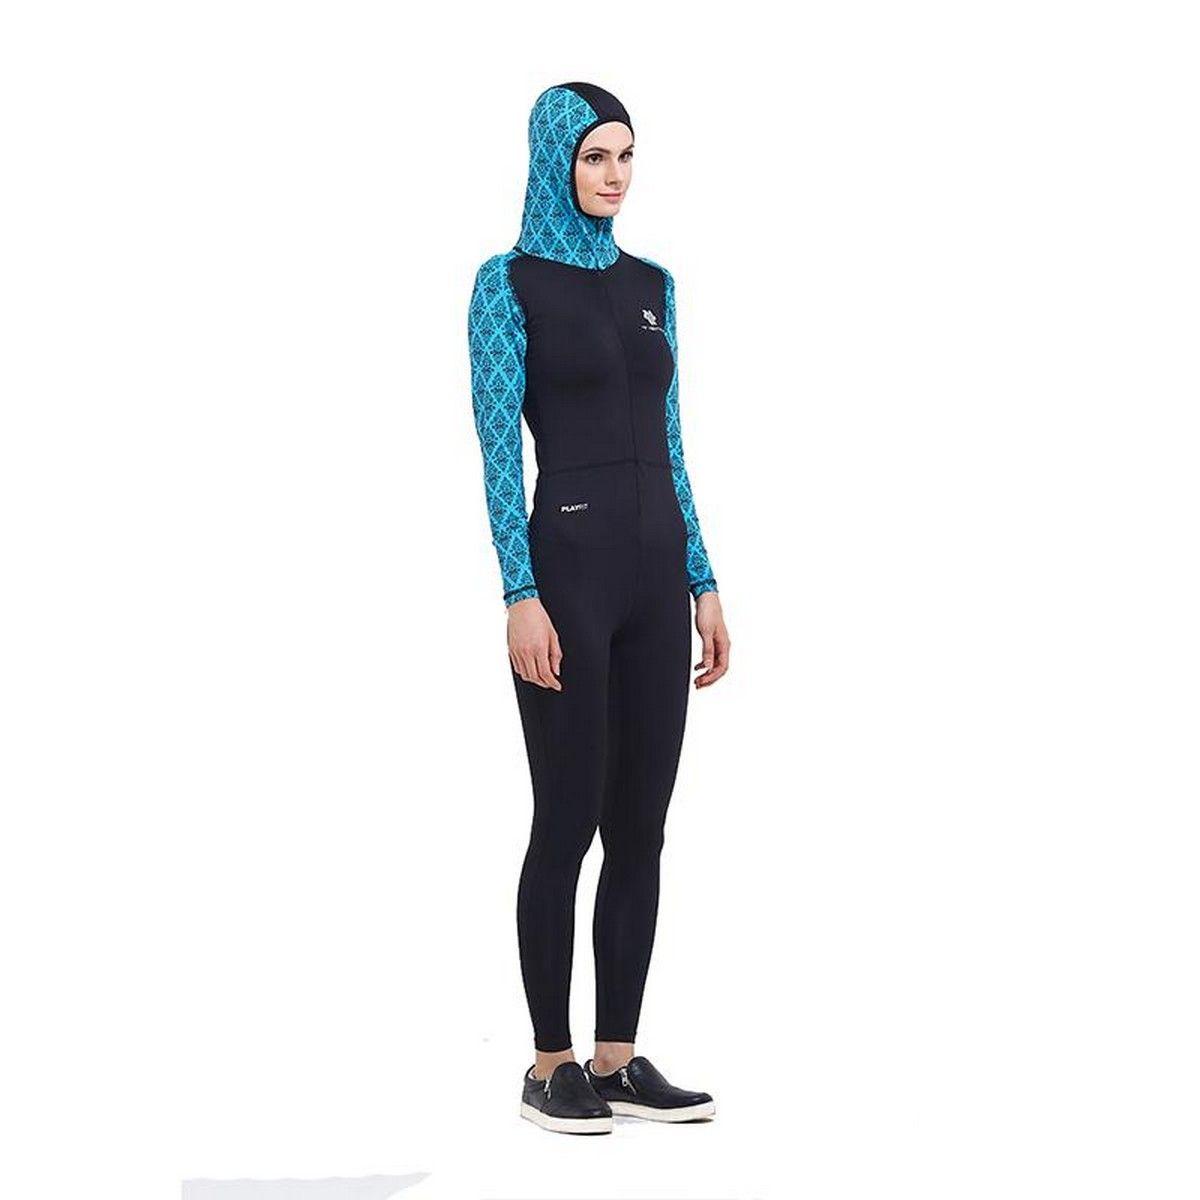 #PopbelaOOTD: Rekomendasi Pakaian Renang untuk Perempuan Hijab